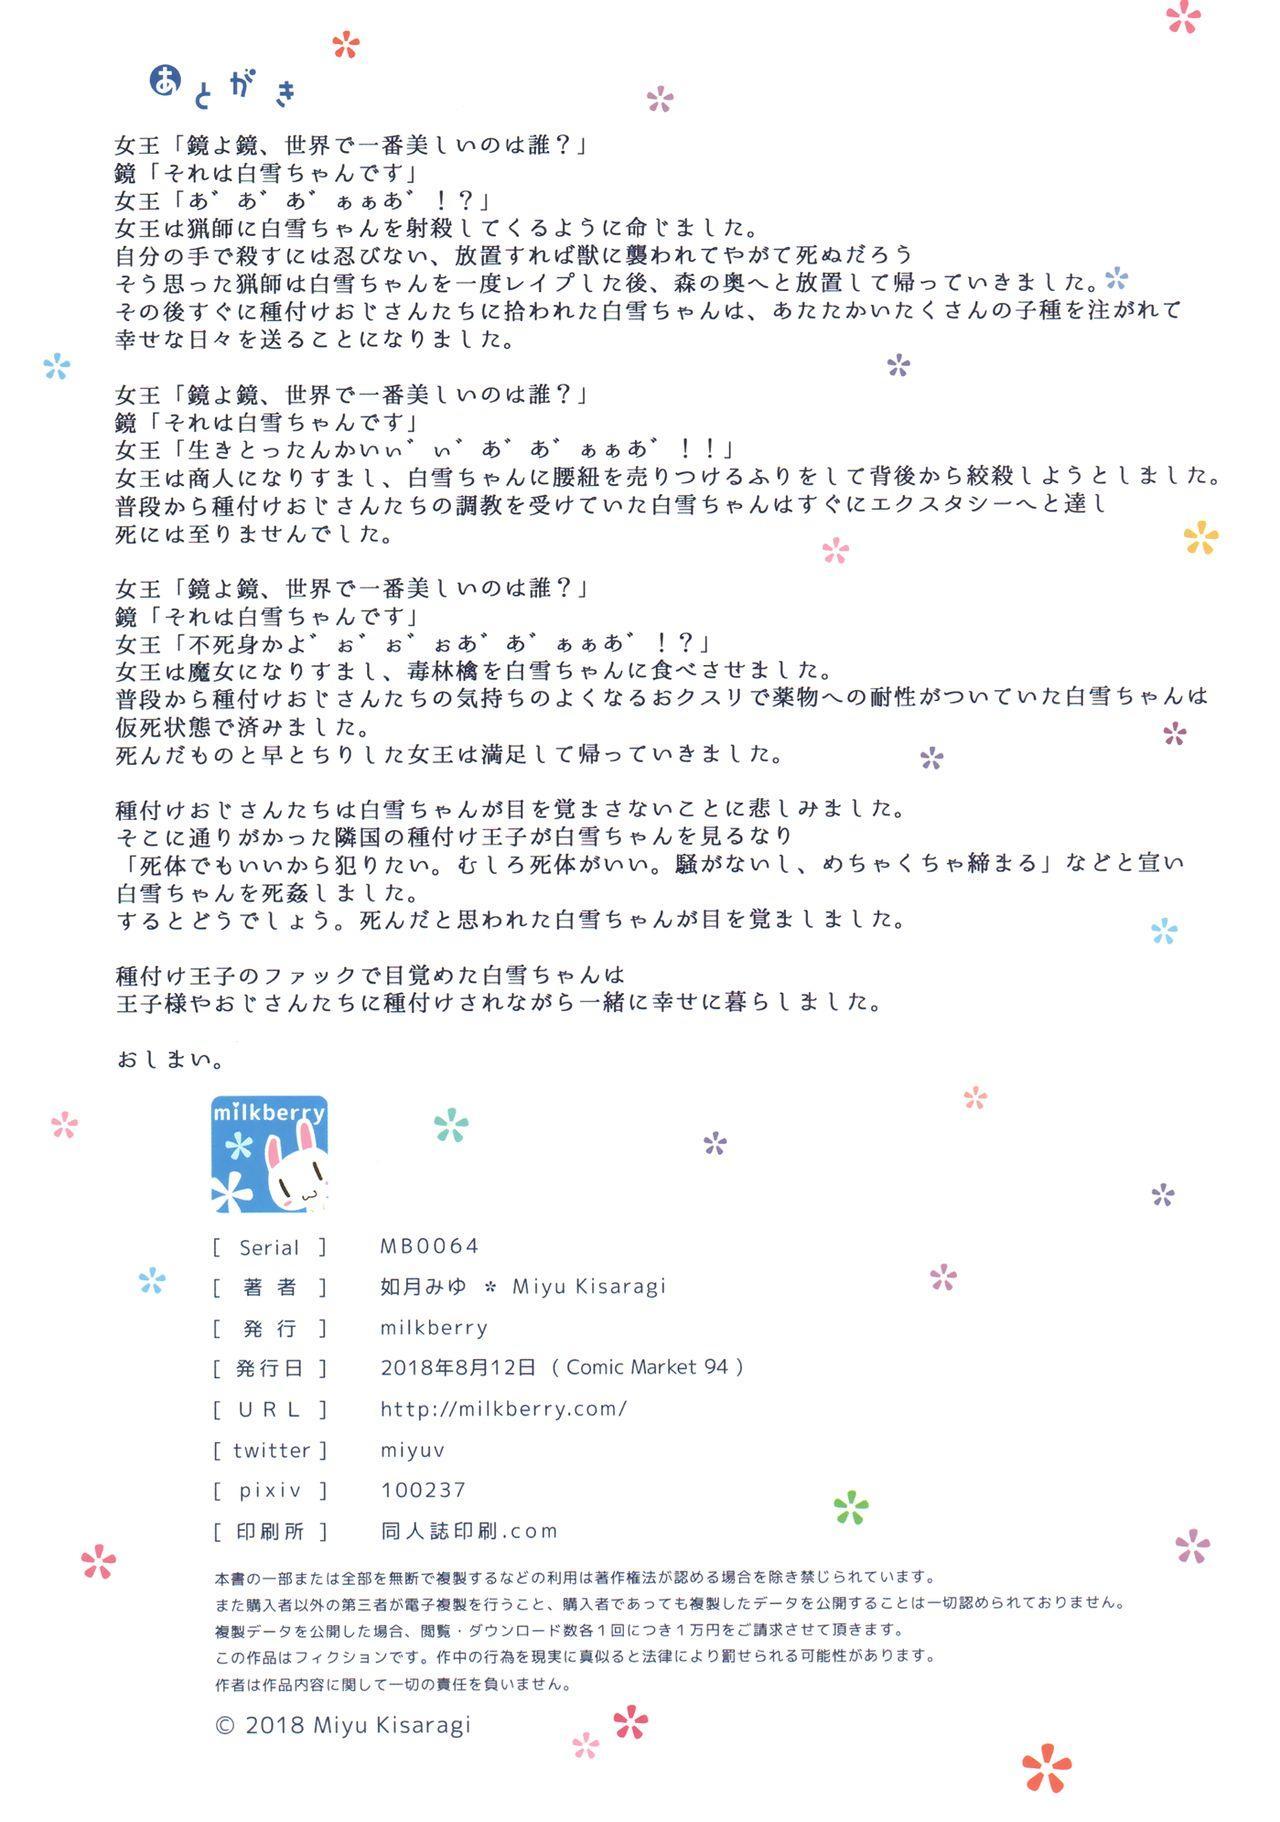 Rachirare JC to Shichinin no Tanetsuke Choukyou Oji-san 20